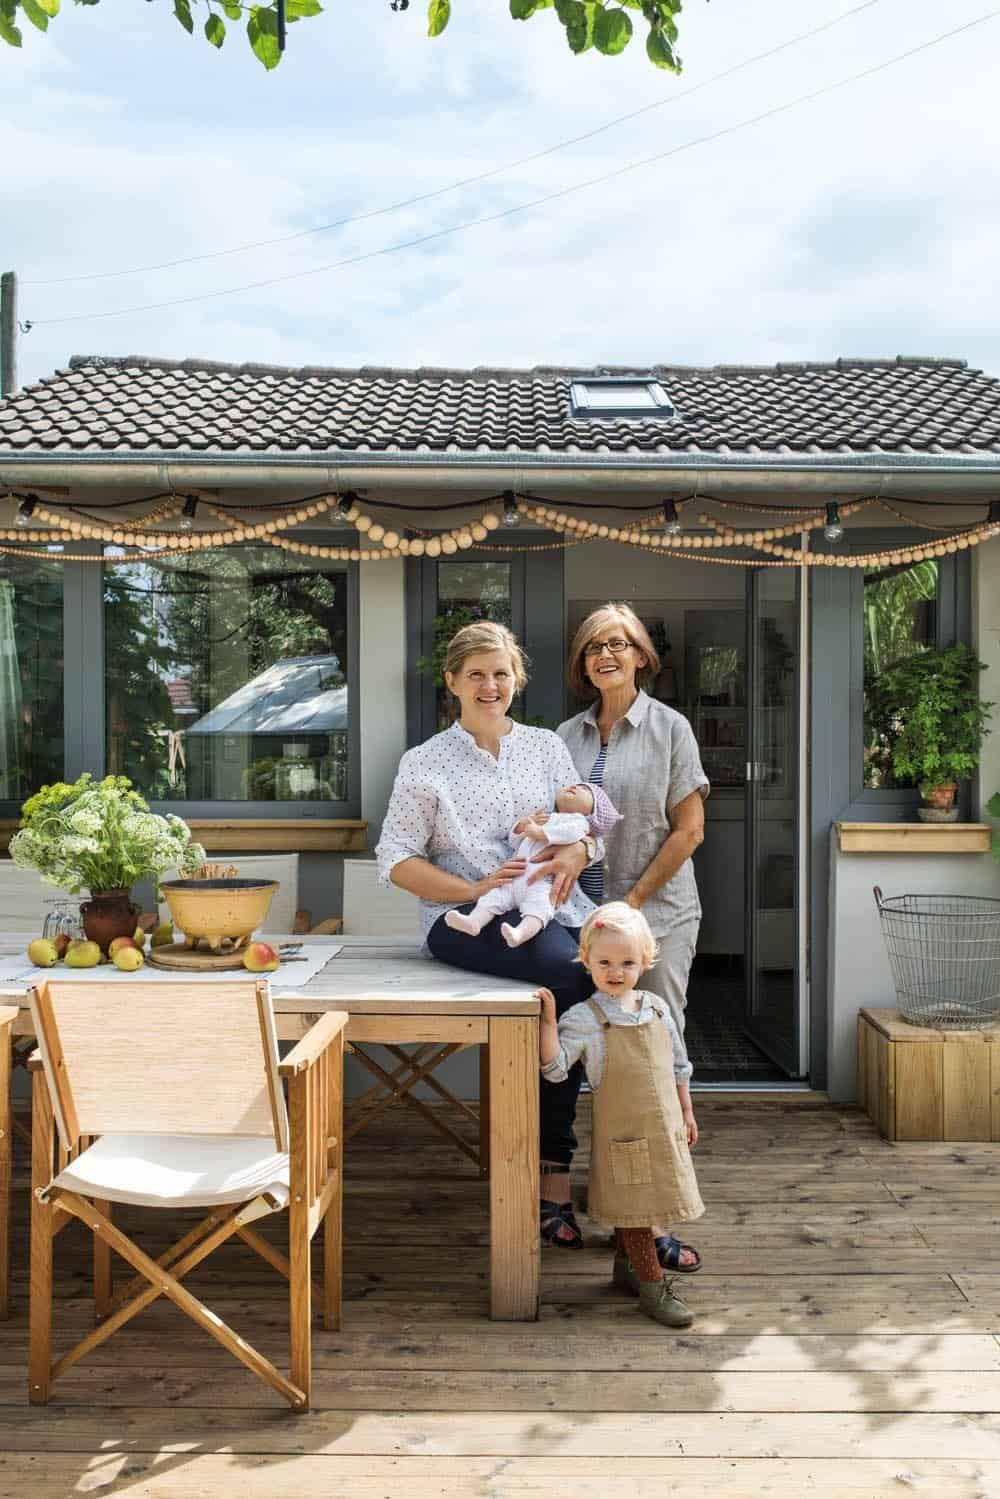 Wow, so können Gartenlauben auch aussehen! Ein paar besonders schöne Ideen für Balkone und (Schreber-) Gärten. Und: ich suche einen Schrebergarten! Weiß jemand was? #kleinegärten